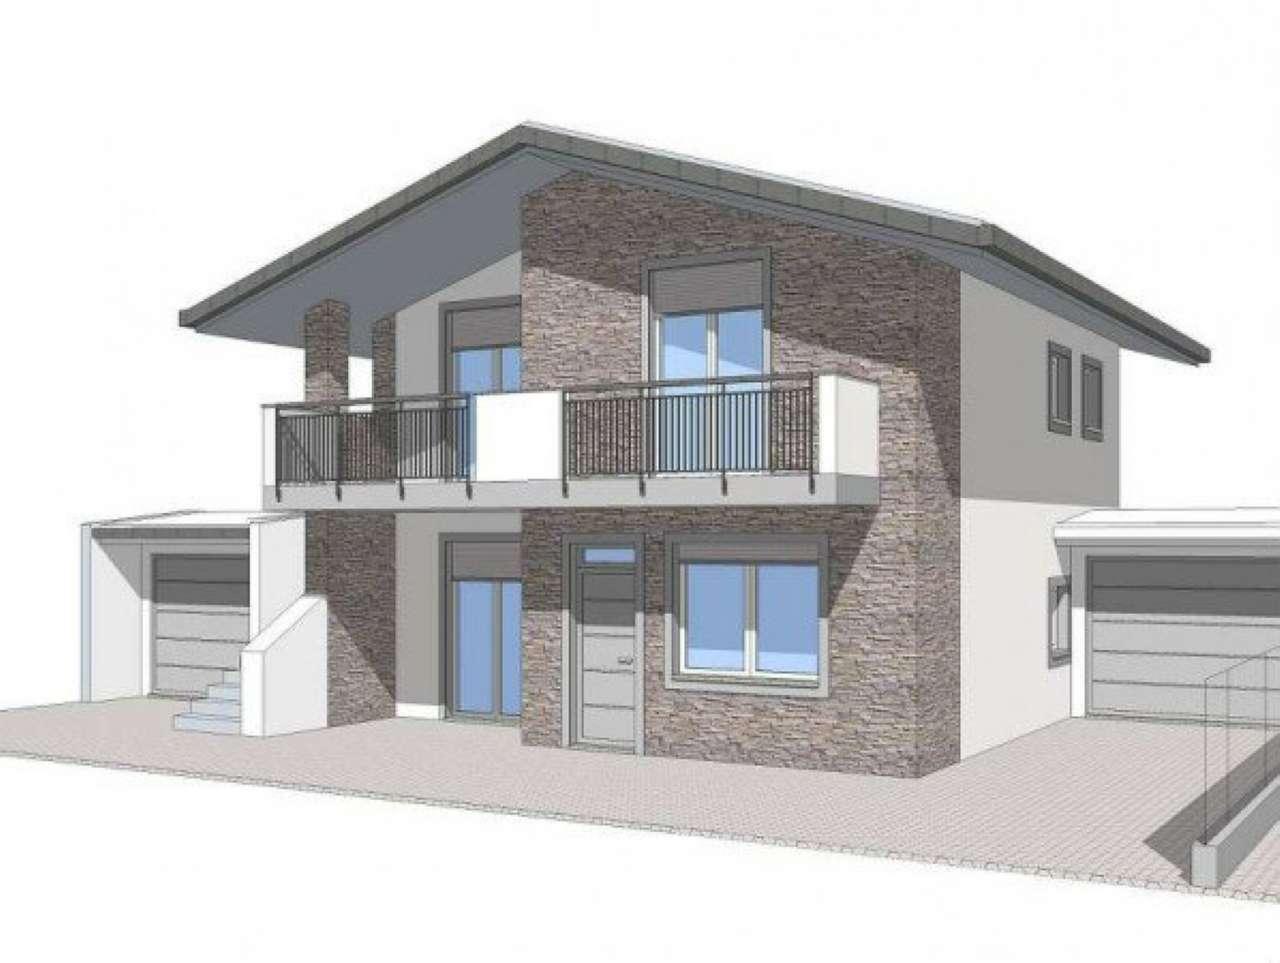 Villa in vendita a Vedano Olona, 4 locali, prezzo € 375.000 | CambioCasa.it